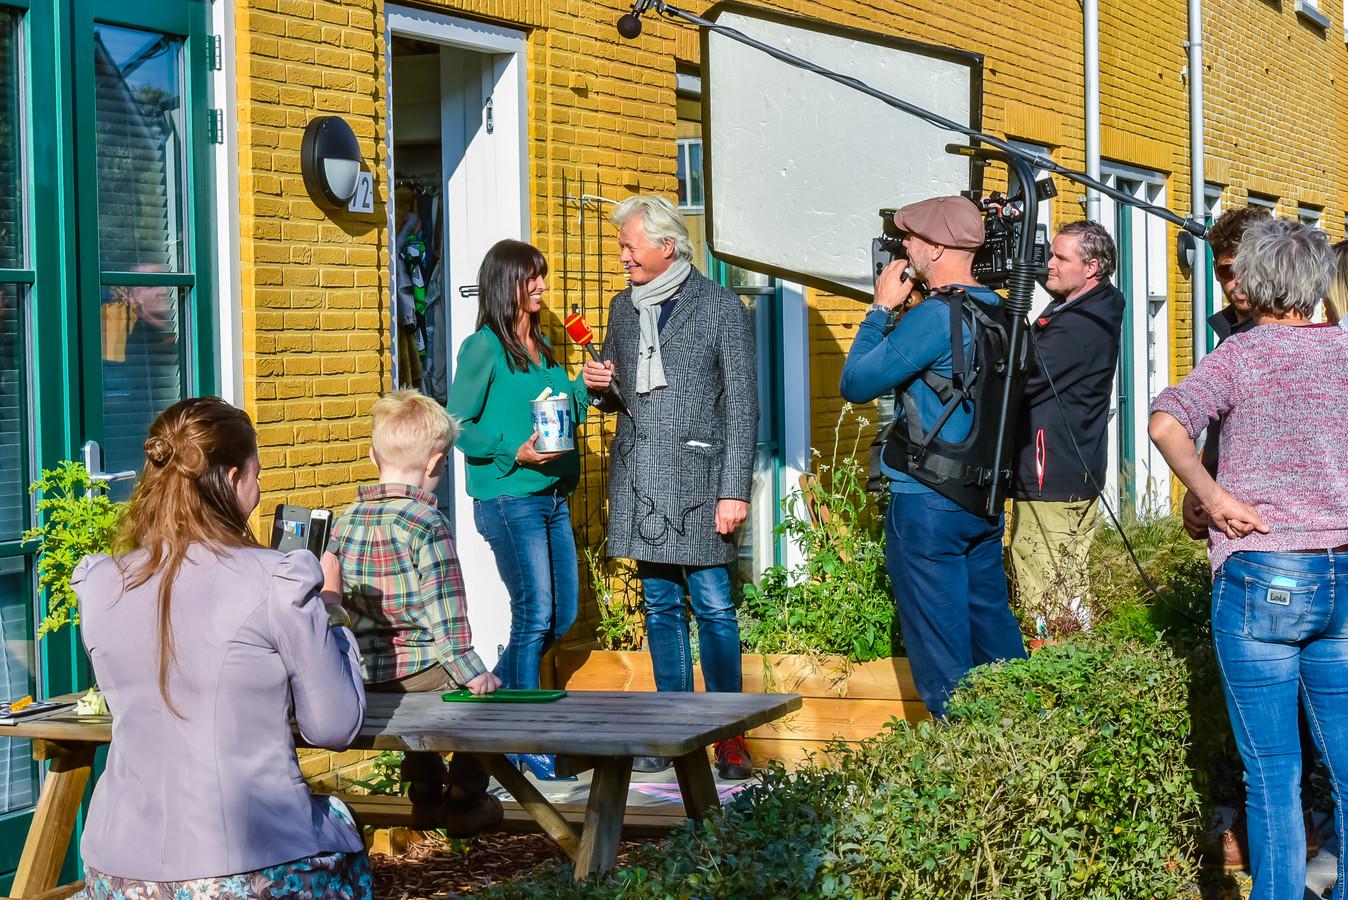 De Planetenbaan in de wijk Sterrenberg was vandaag het decor voor opnames van het Sinterklaasjournaal.